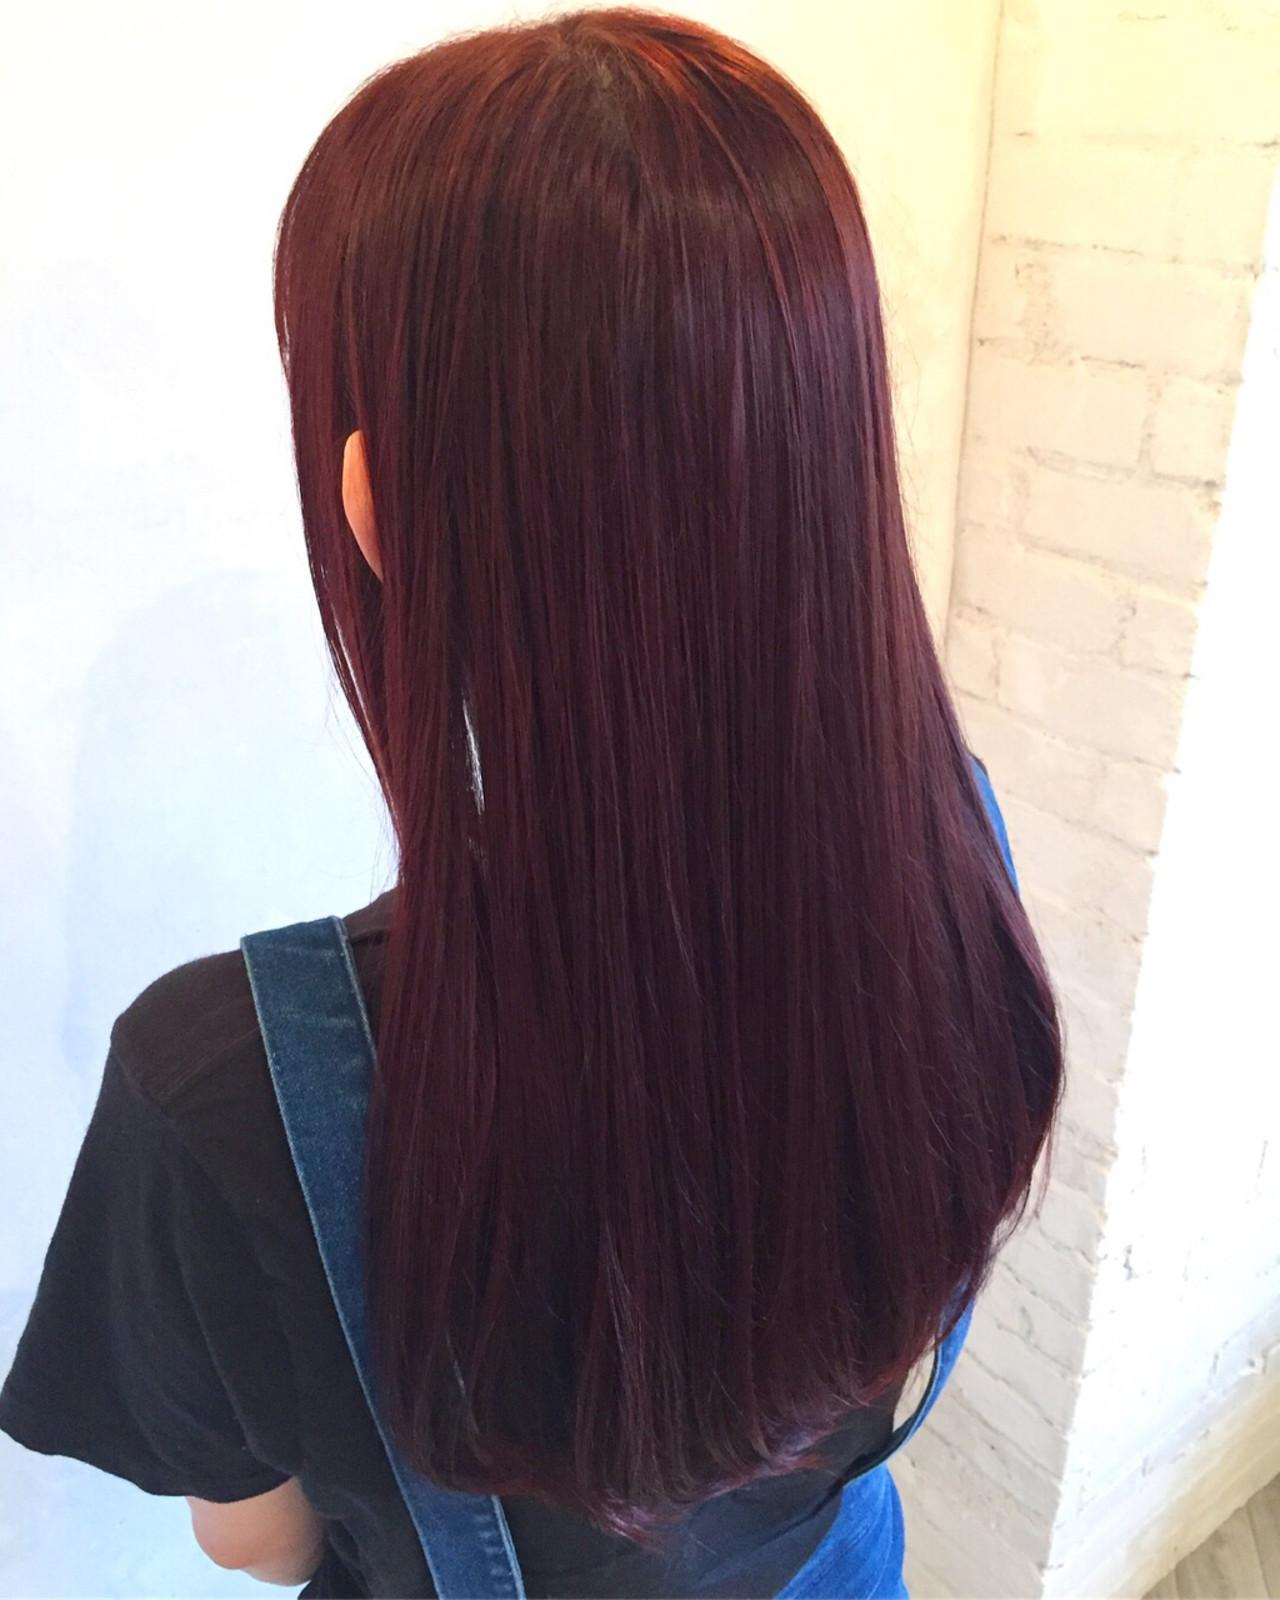 ロング ベリーピンク ベージュ デート ヘアスタイルや髪型の写真・画像